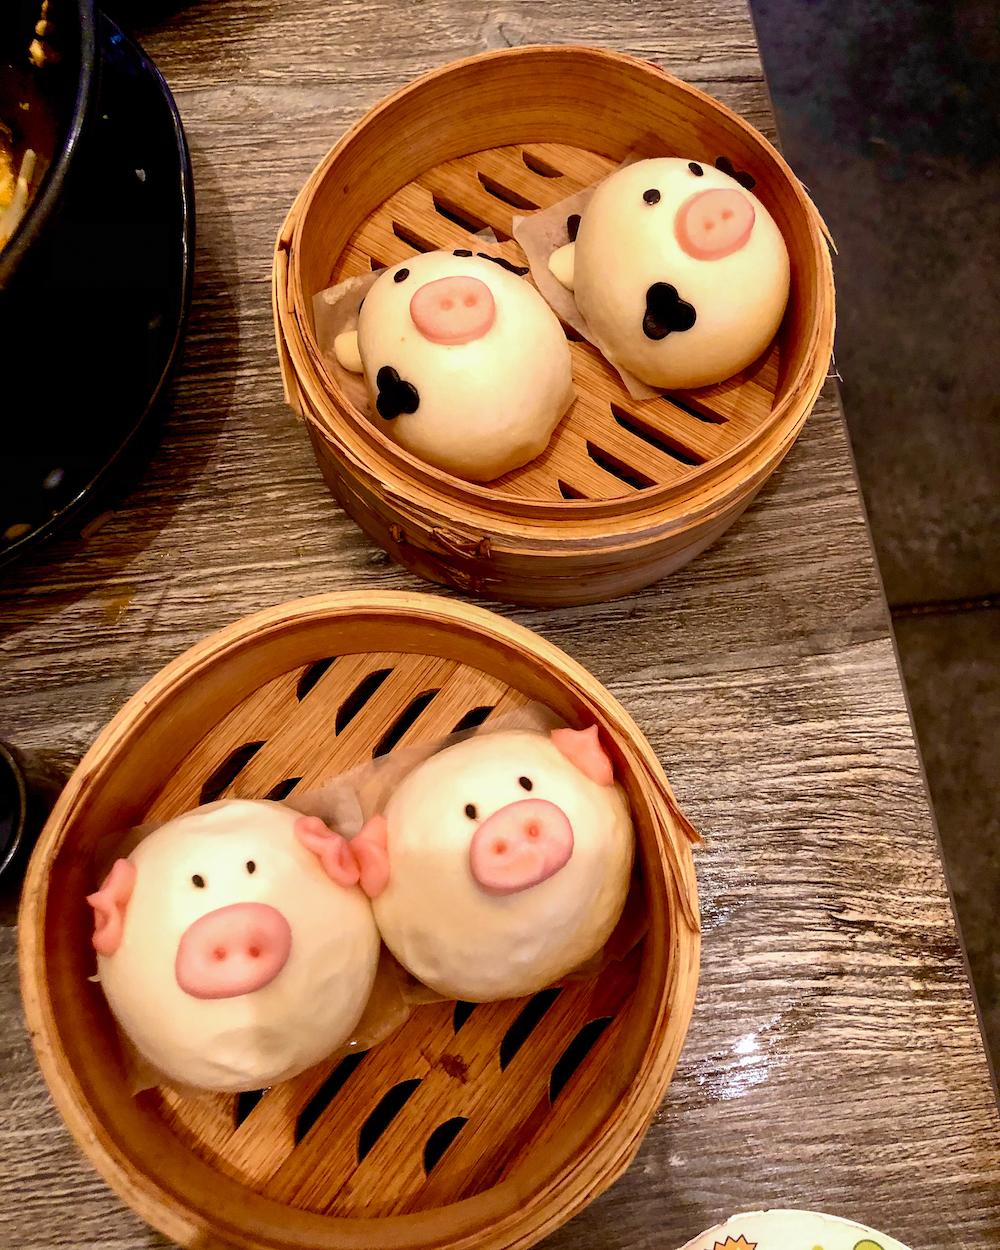 Harumama noodles and character buns carlsbad restaurant